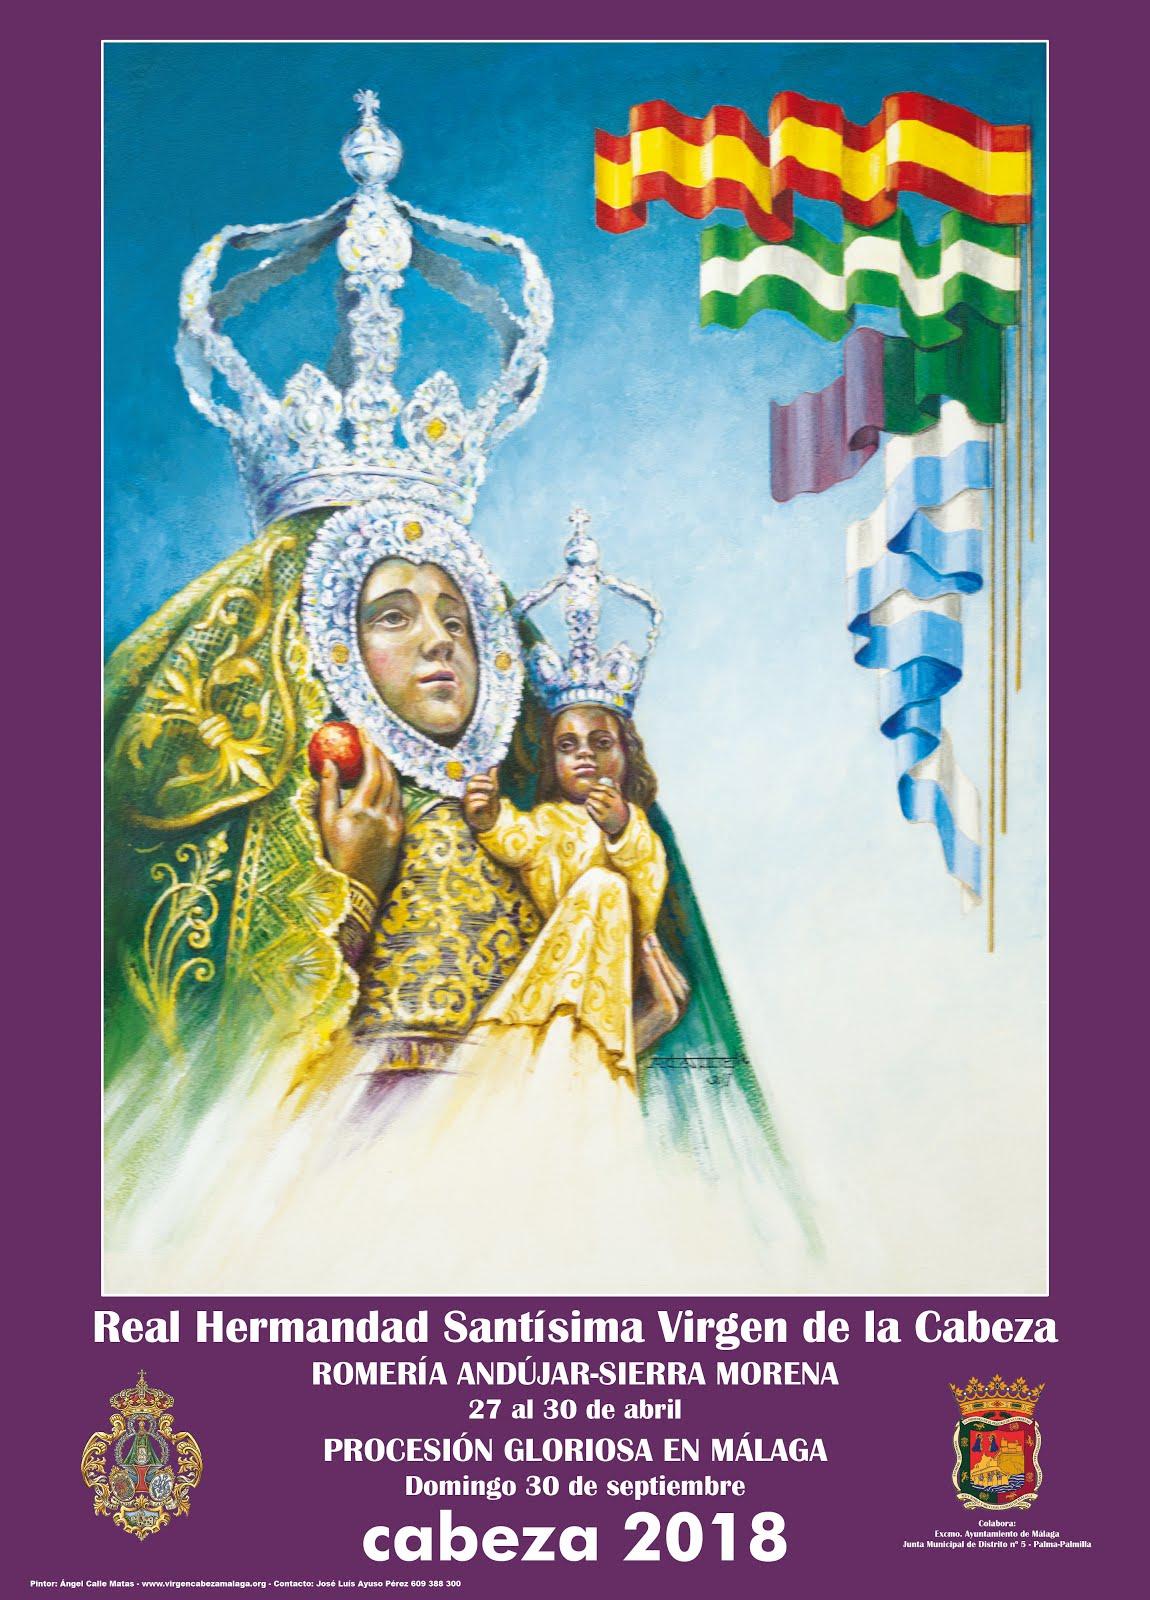 """CARTEL DE ROMERÍA Y PROCESIÓN """"CABEZA 2018"""" HDAD. DE MÁLAGA."""